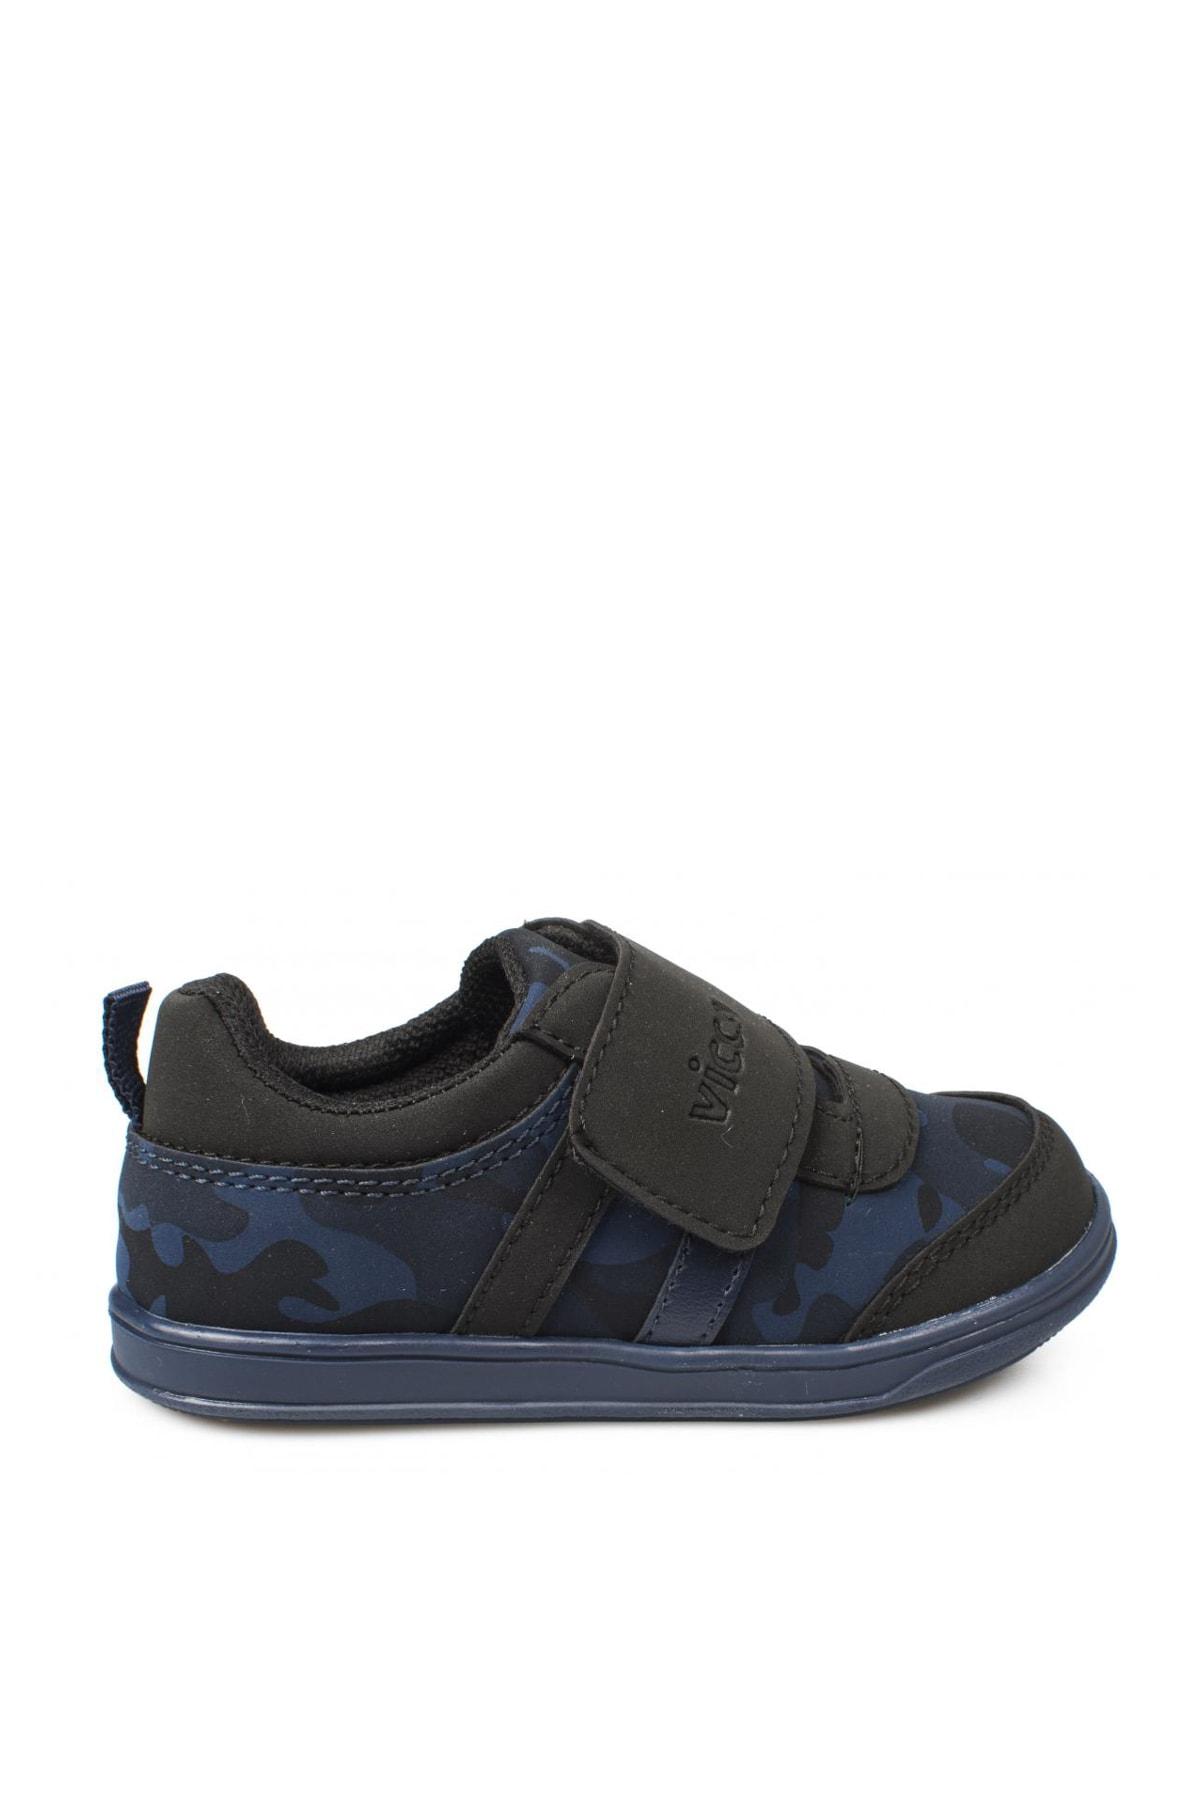 Vicco Lacivert Kız Bebek Yürüyüş Ayakkabısı 211 950.E19K223 2